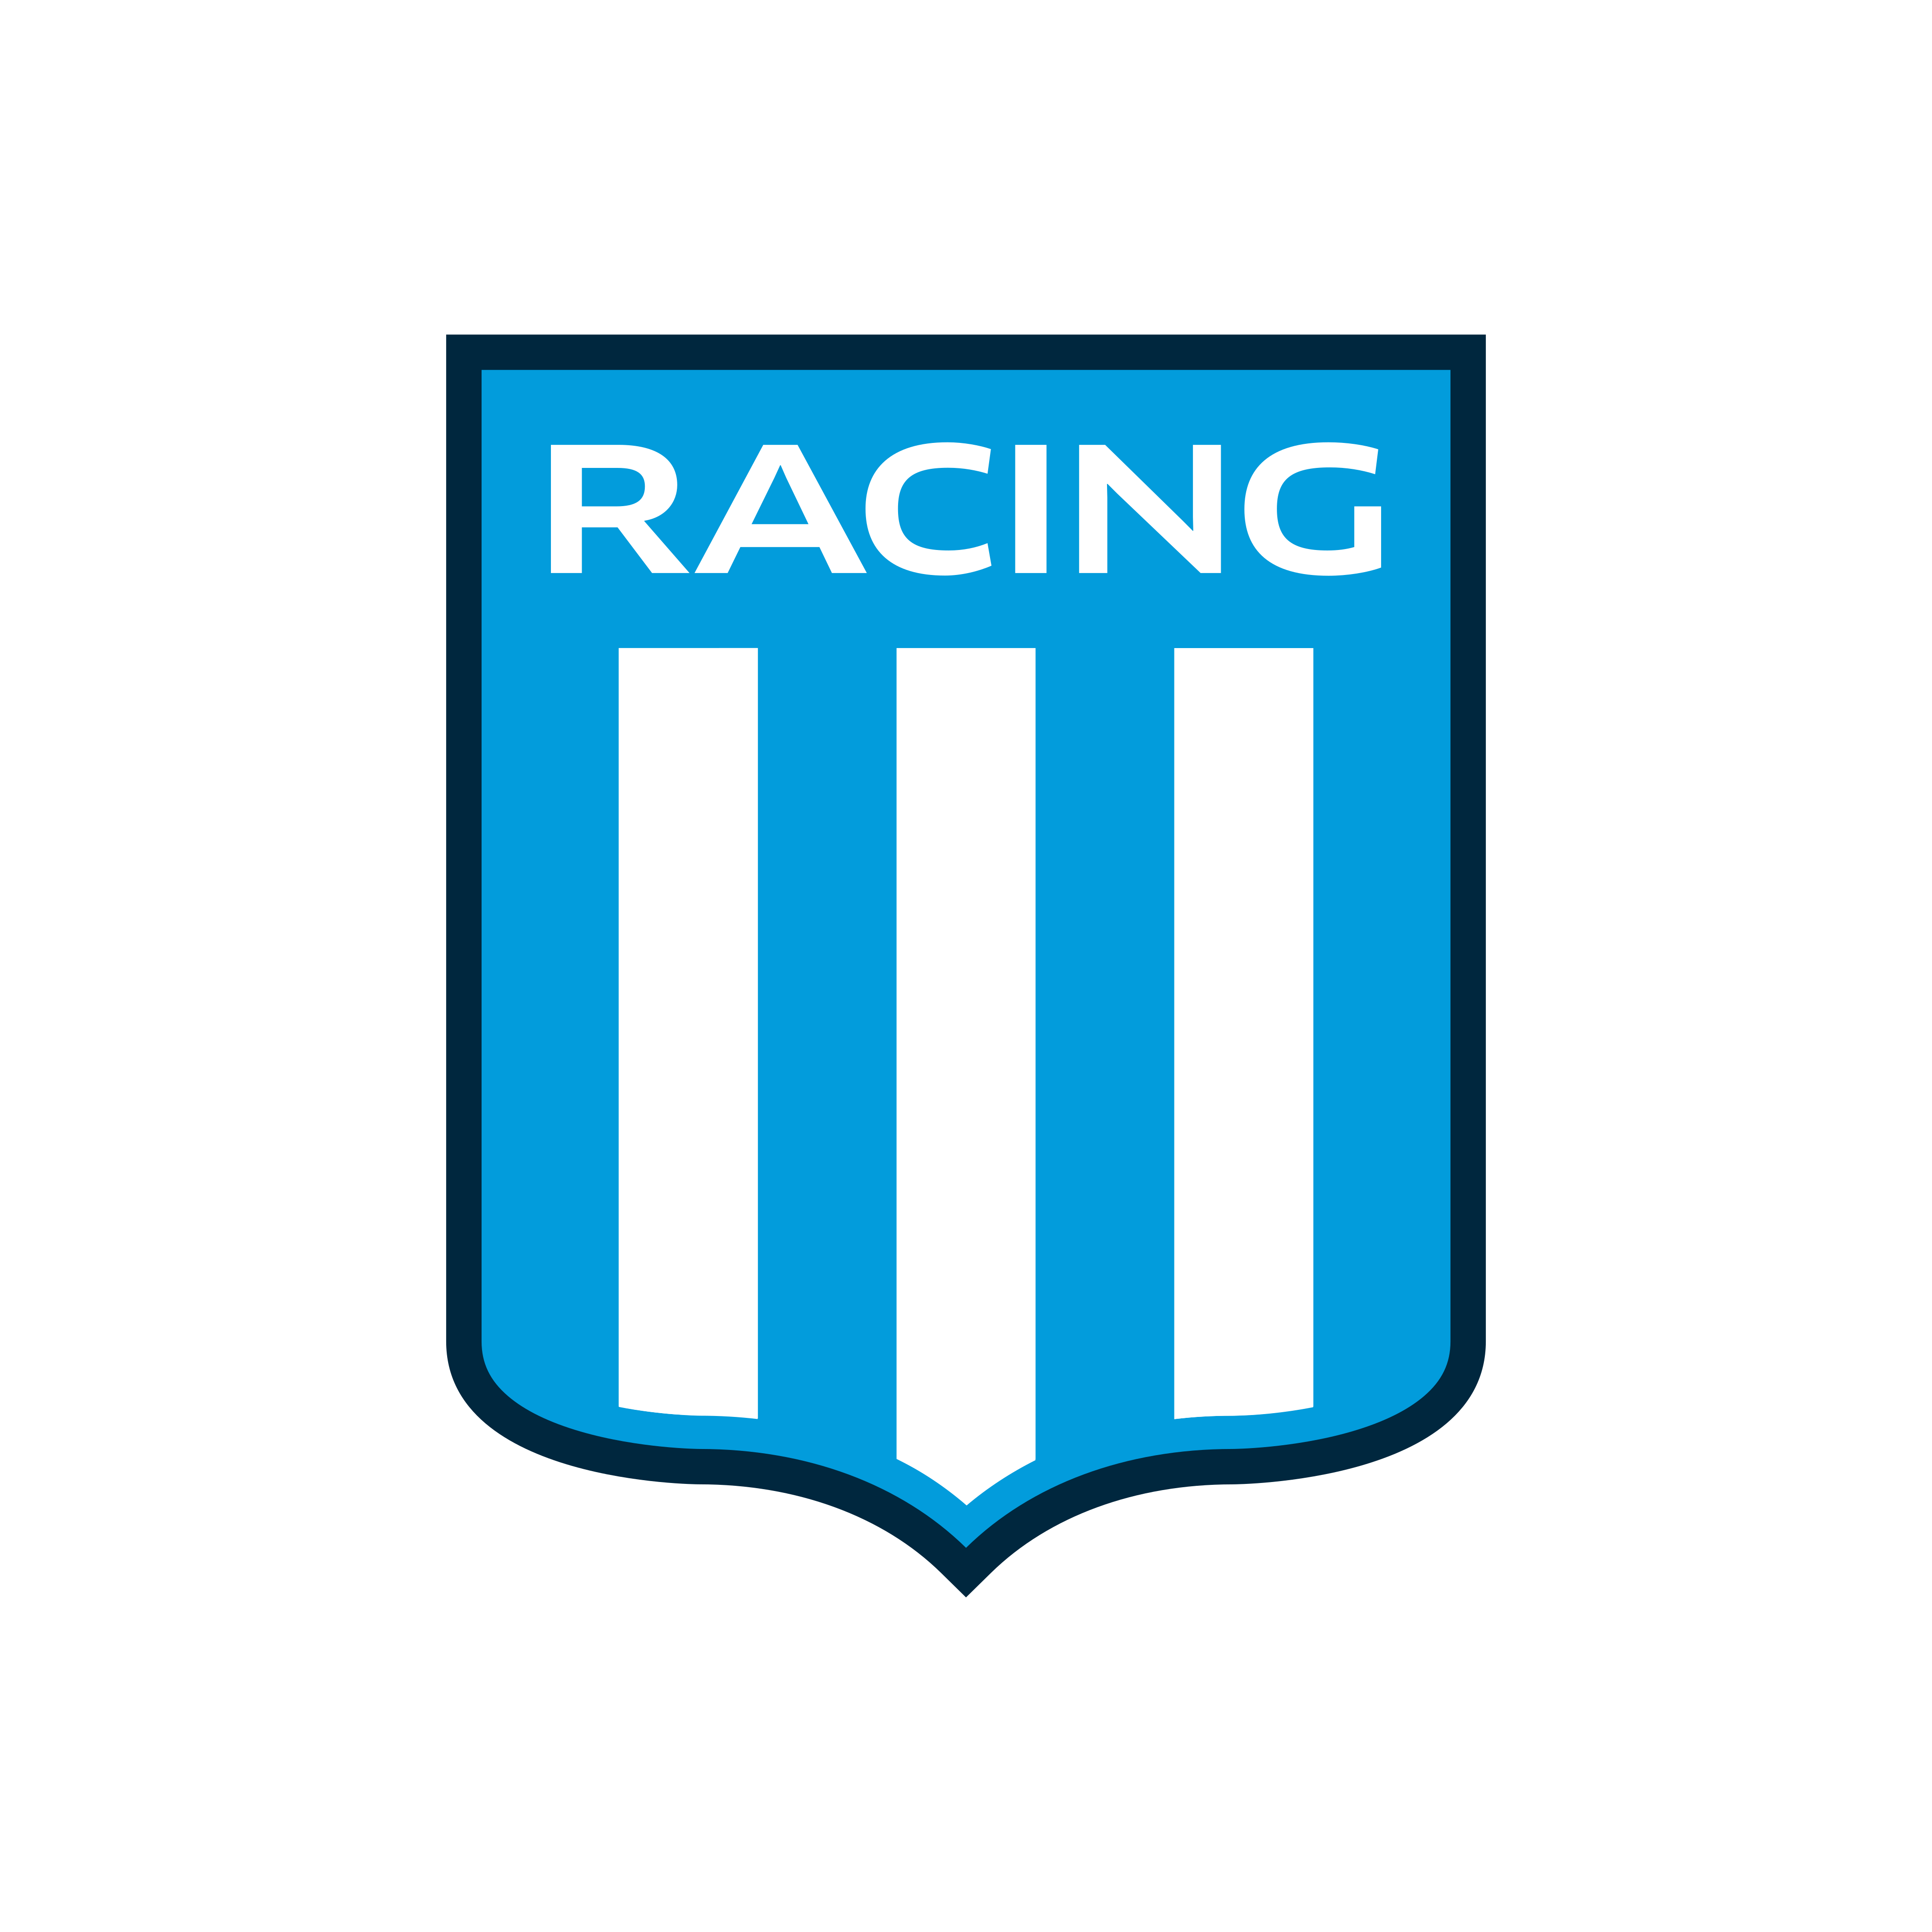 racing logo escudo 0 1 - Racing Logo - Racing Club de Avellaneda Escudo